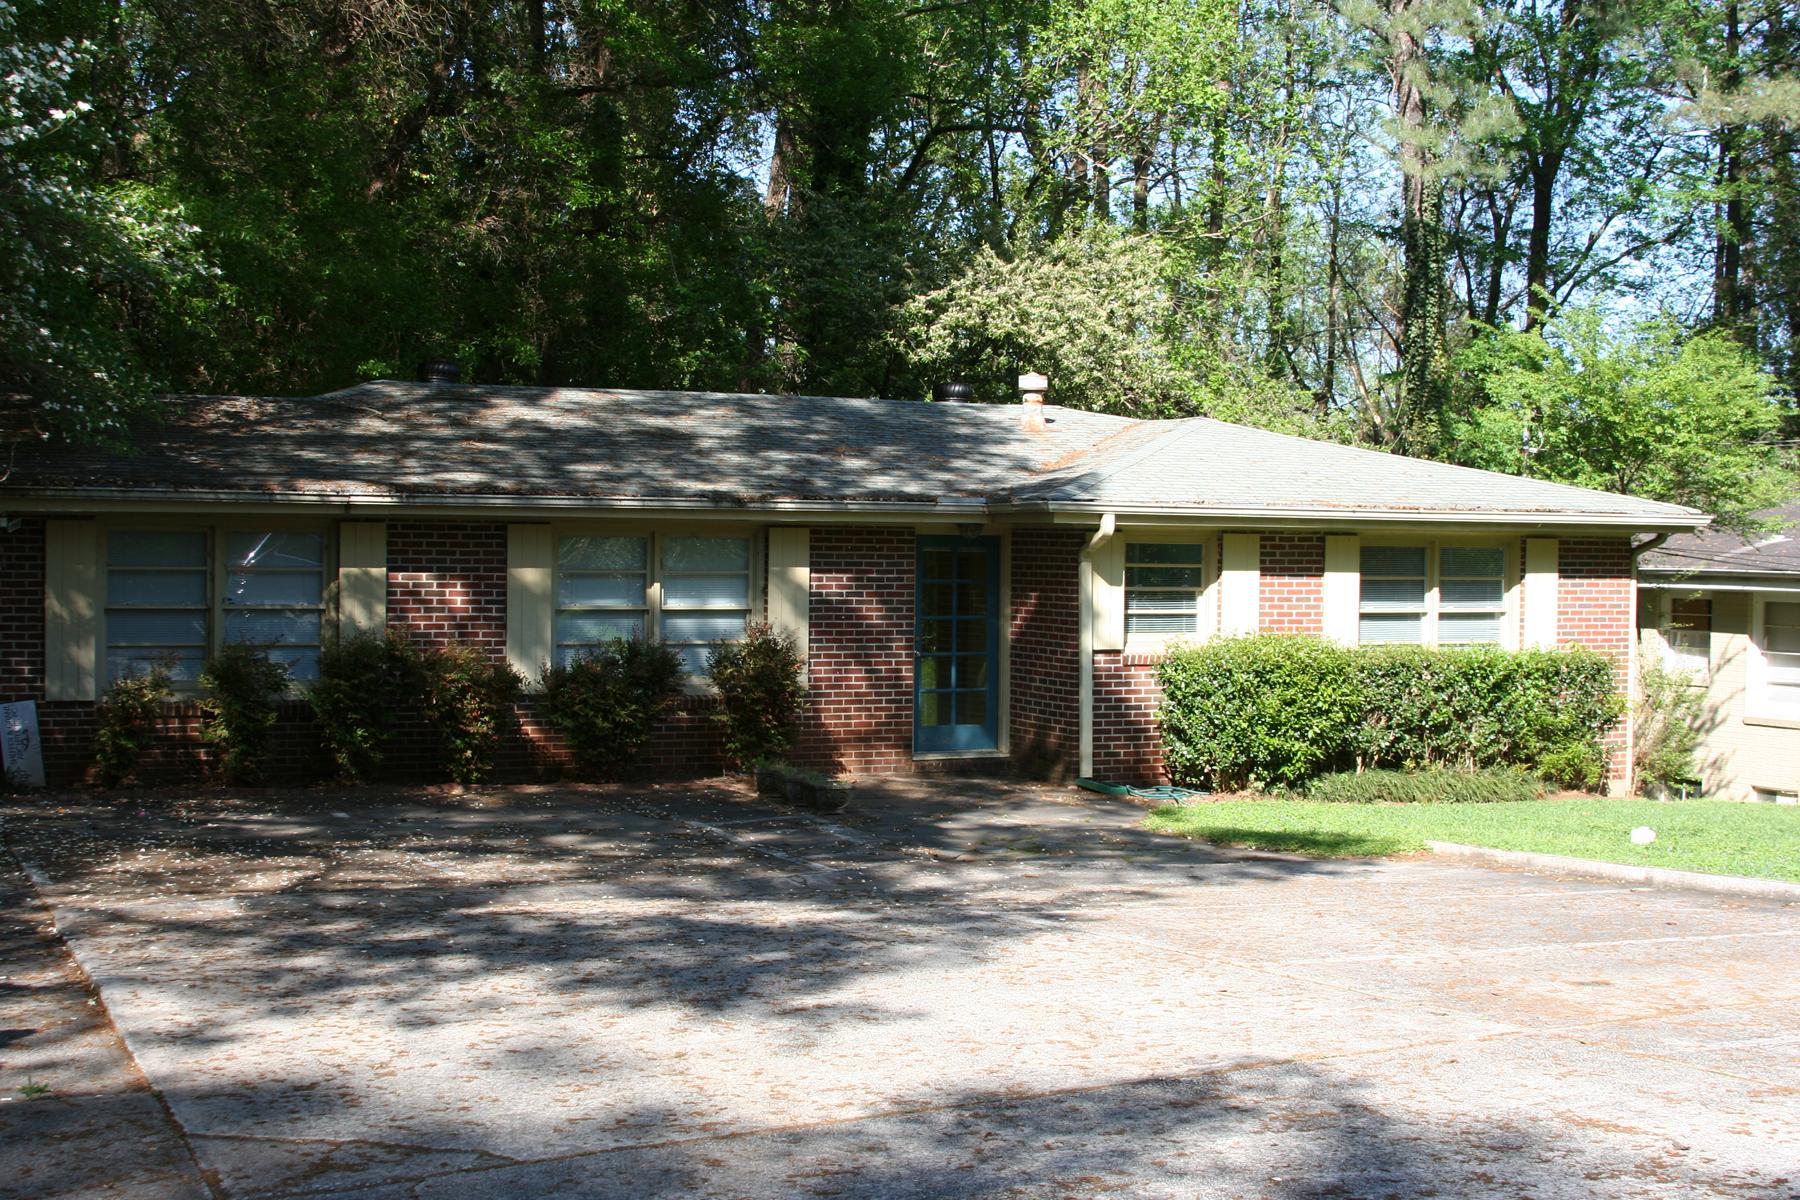 Terreno por un Venta en Buildable Opportunity in Buckhead 4597 Wieuca Road NE, Atlanta, Georgia 30342 Estados Unidos